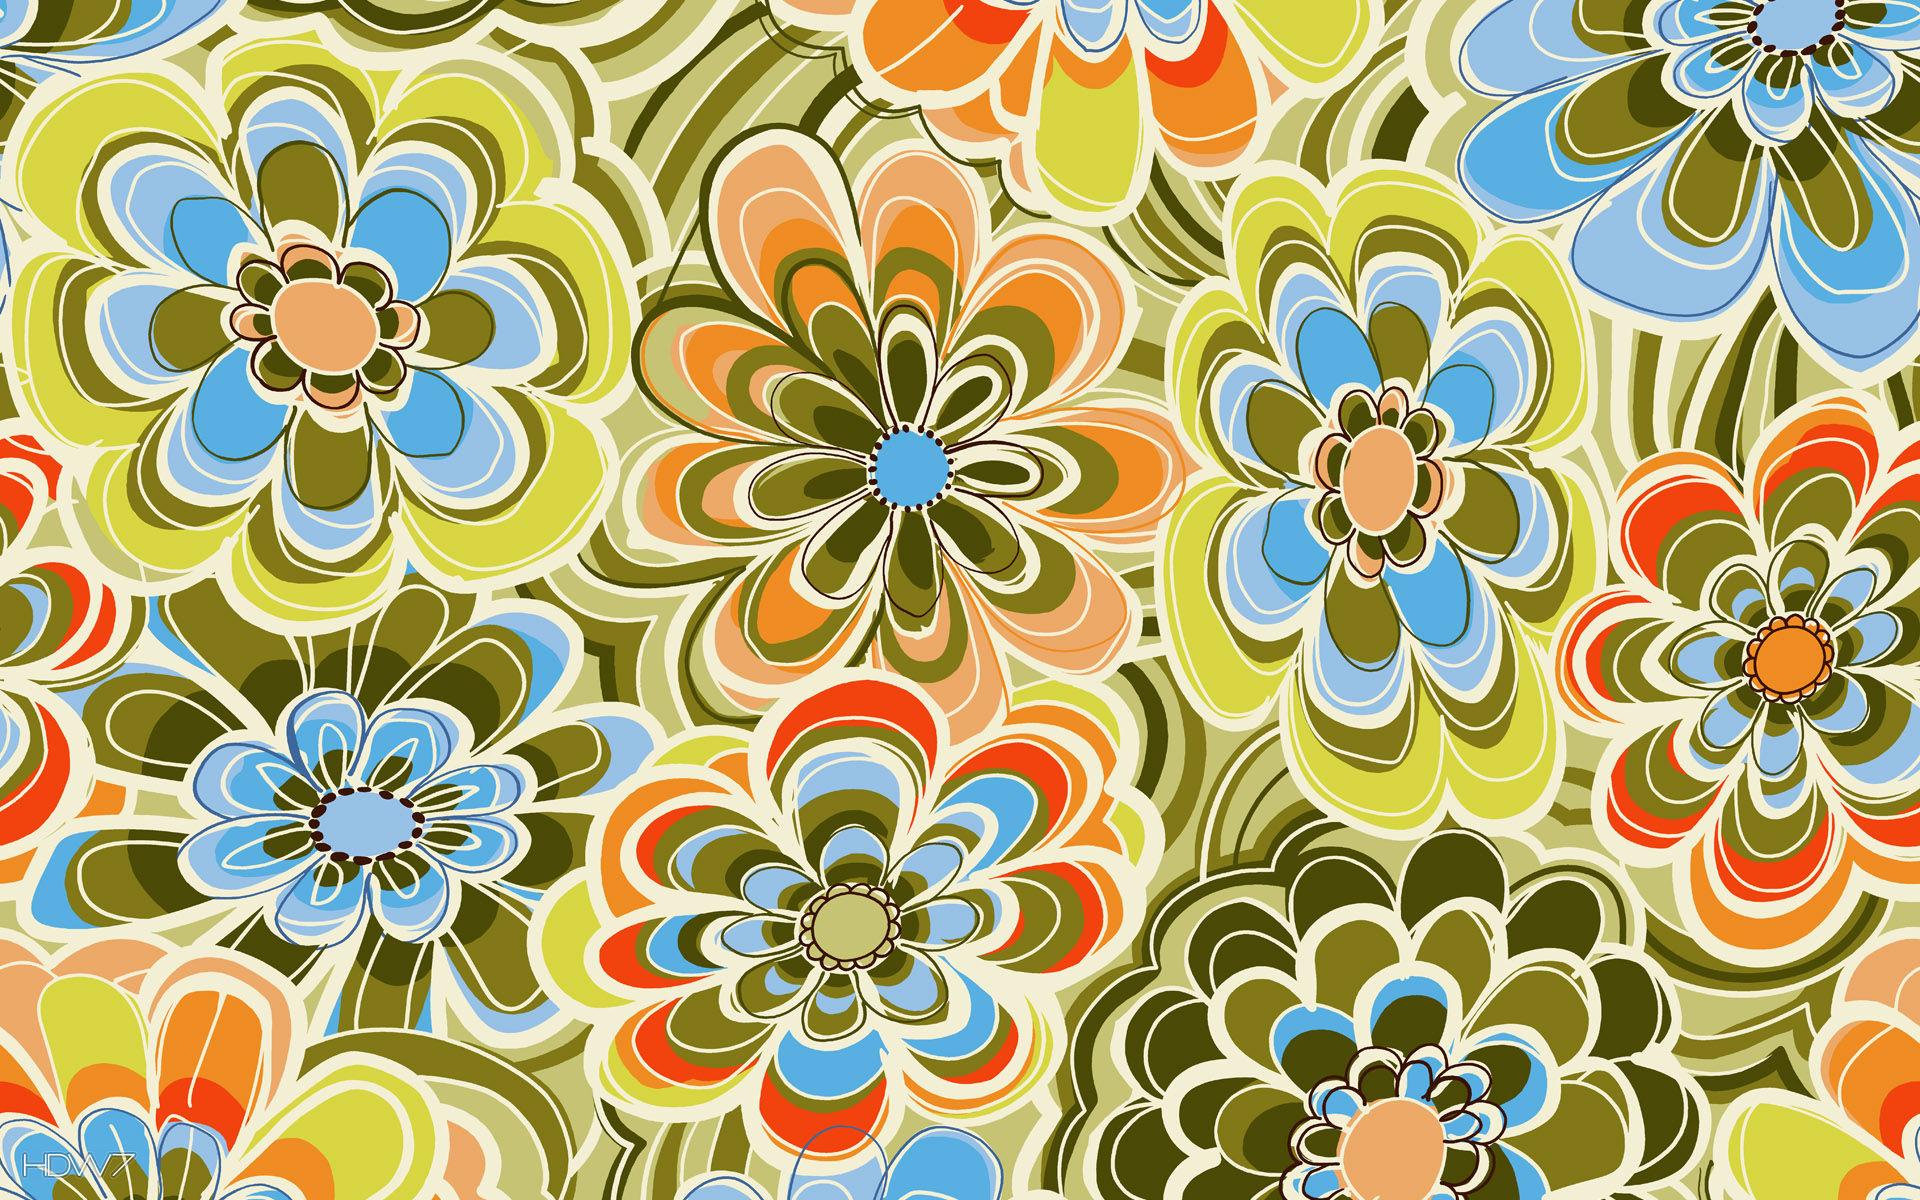 flowers background wallpaper pattern HD wallpaper gallery 78 1920x1200